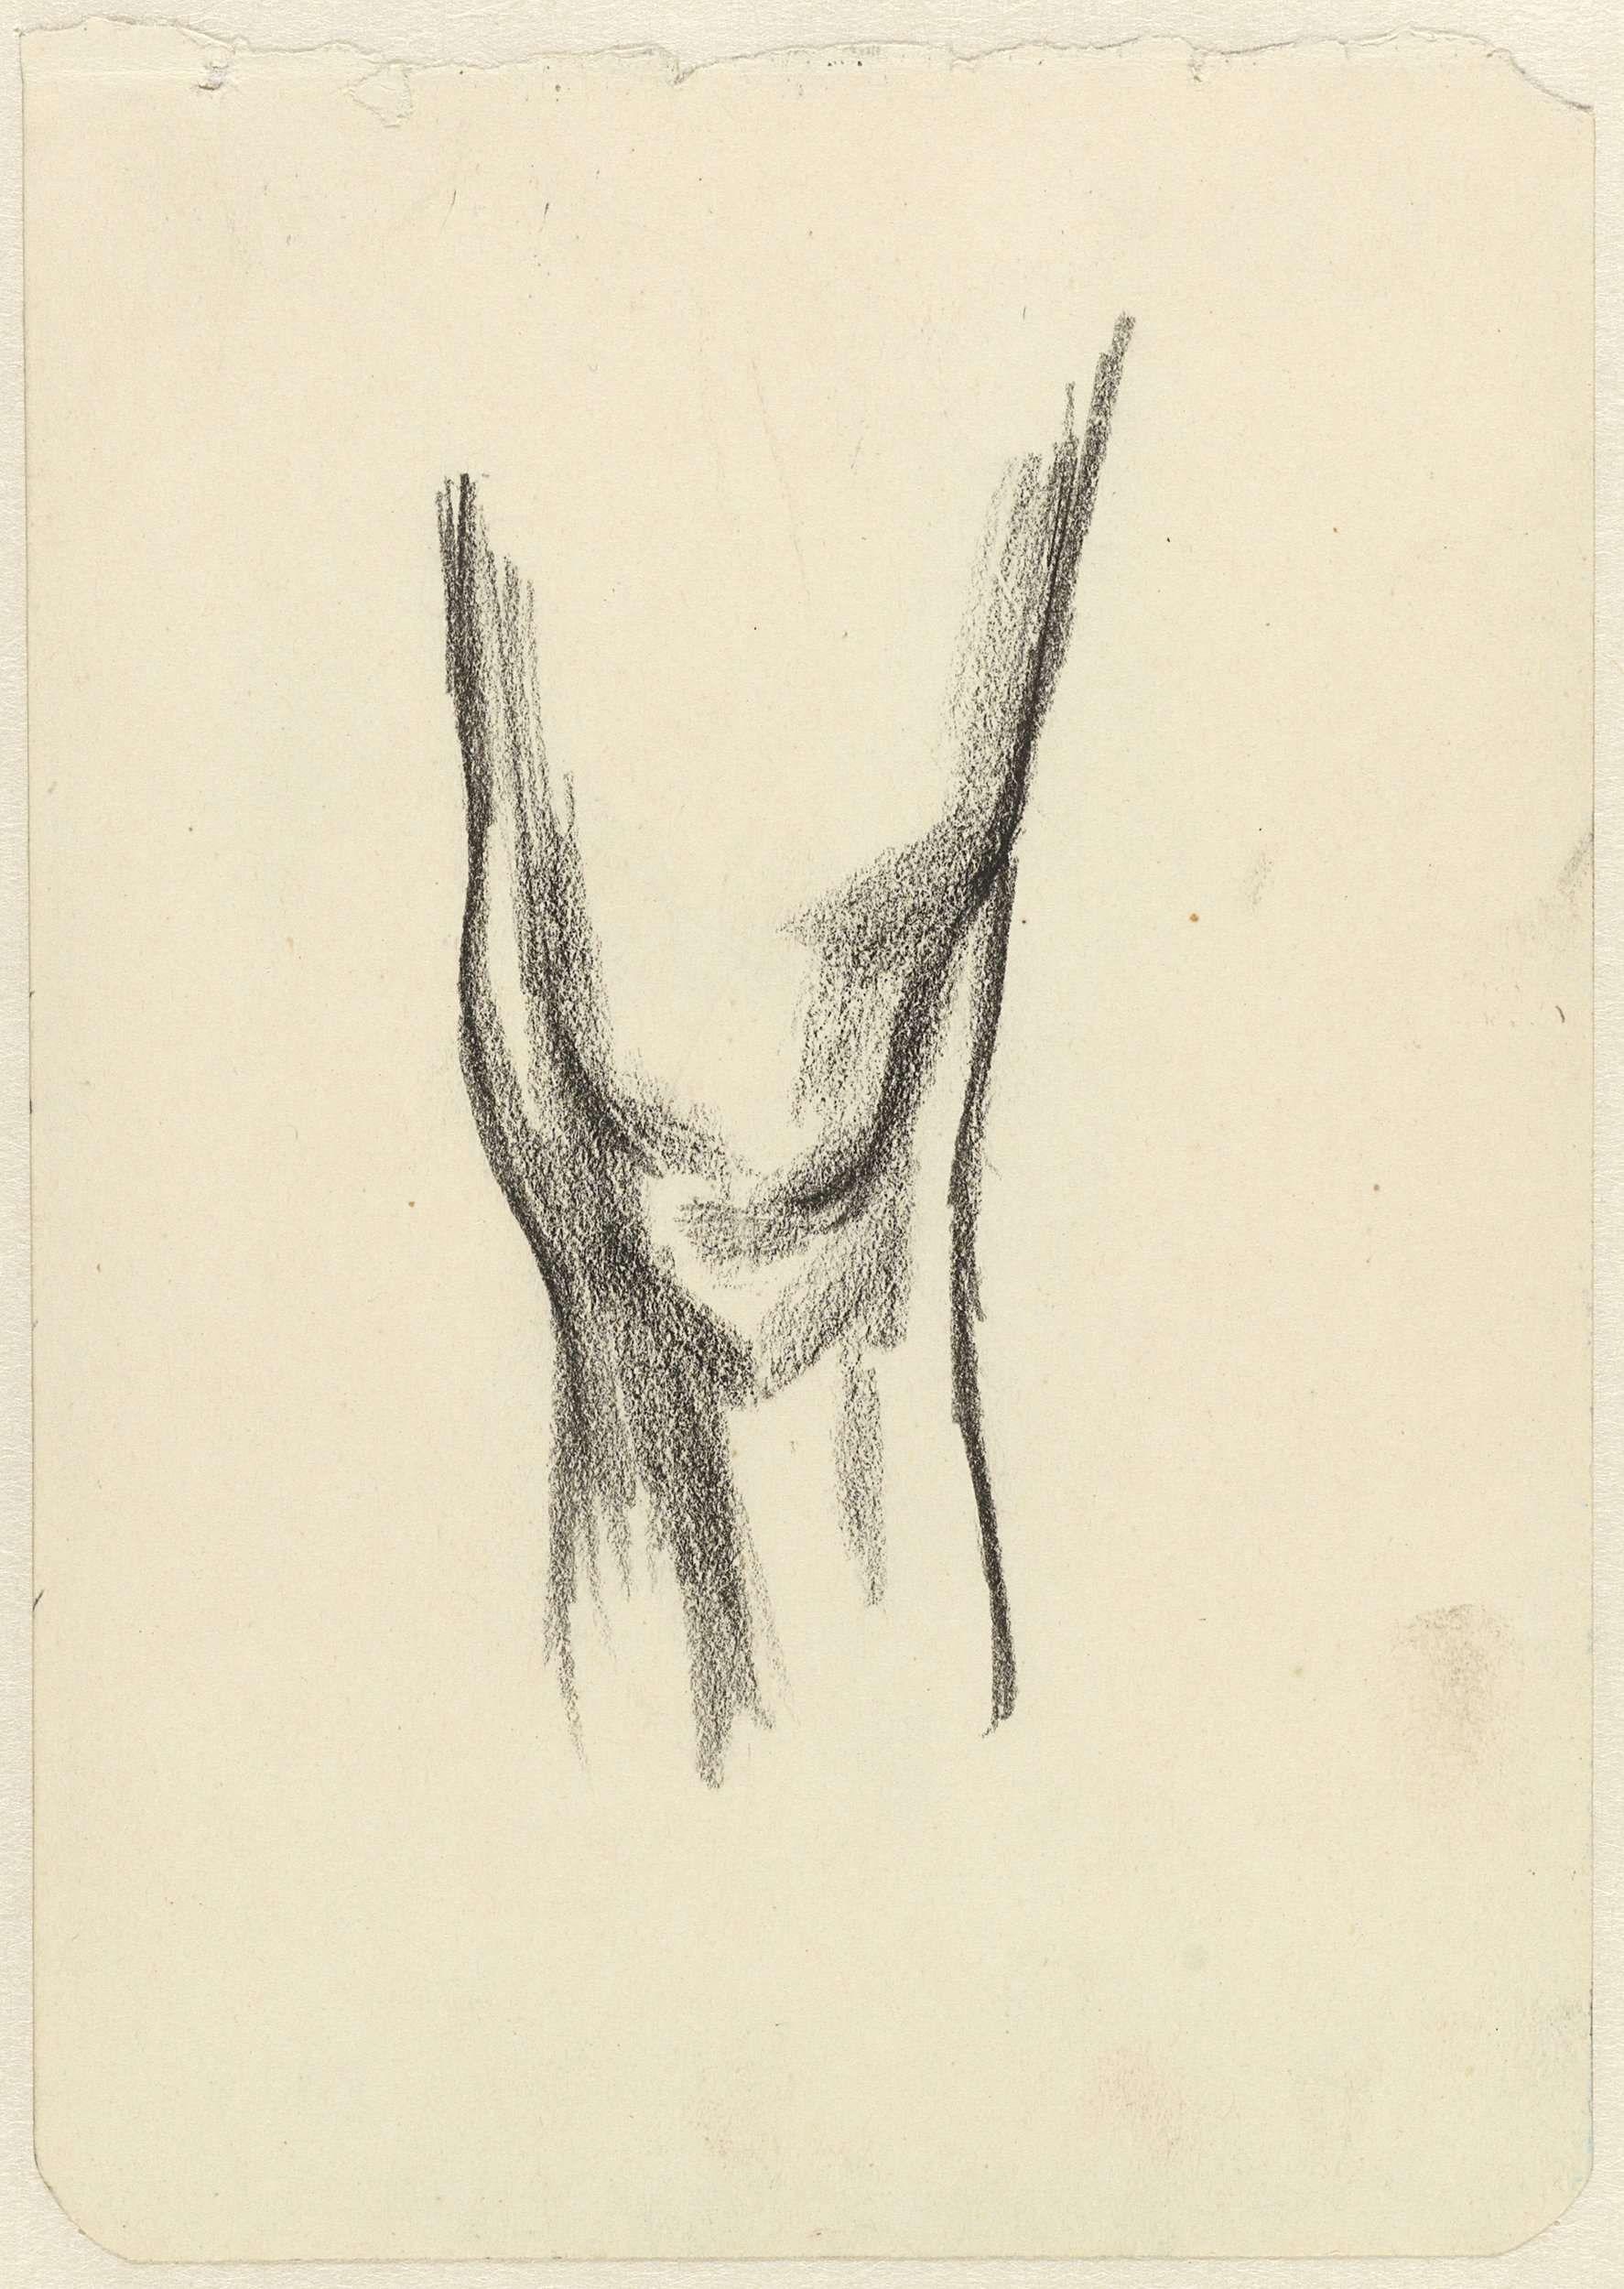 Jan Toorop | Studie van een knie, Jan Toorop, 1868 - 1928 |